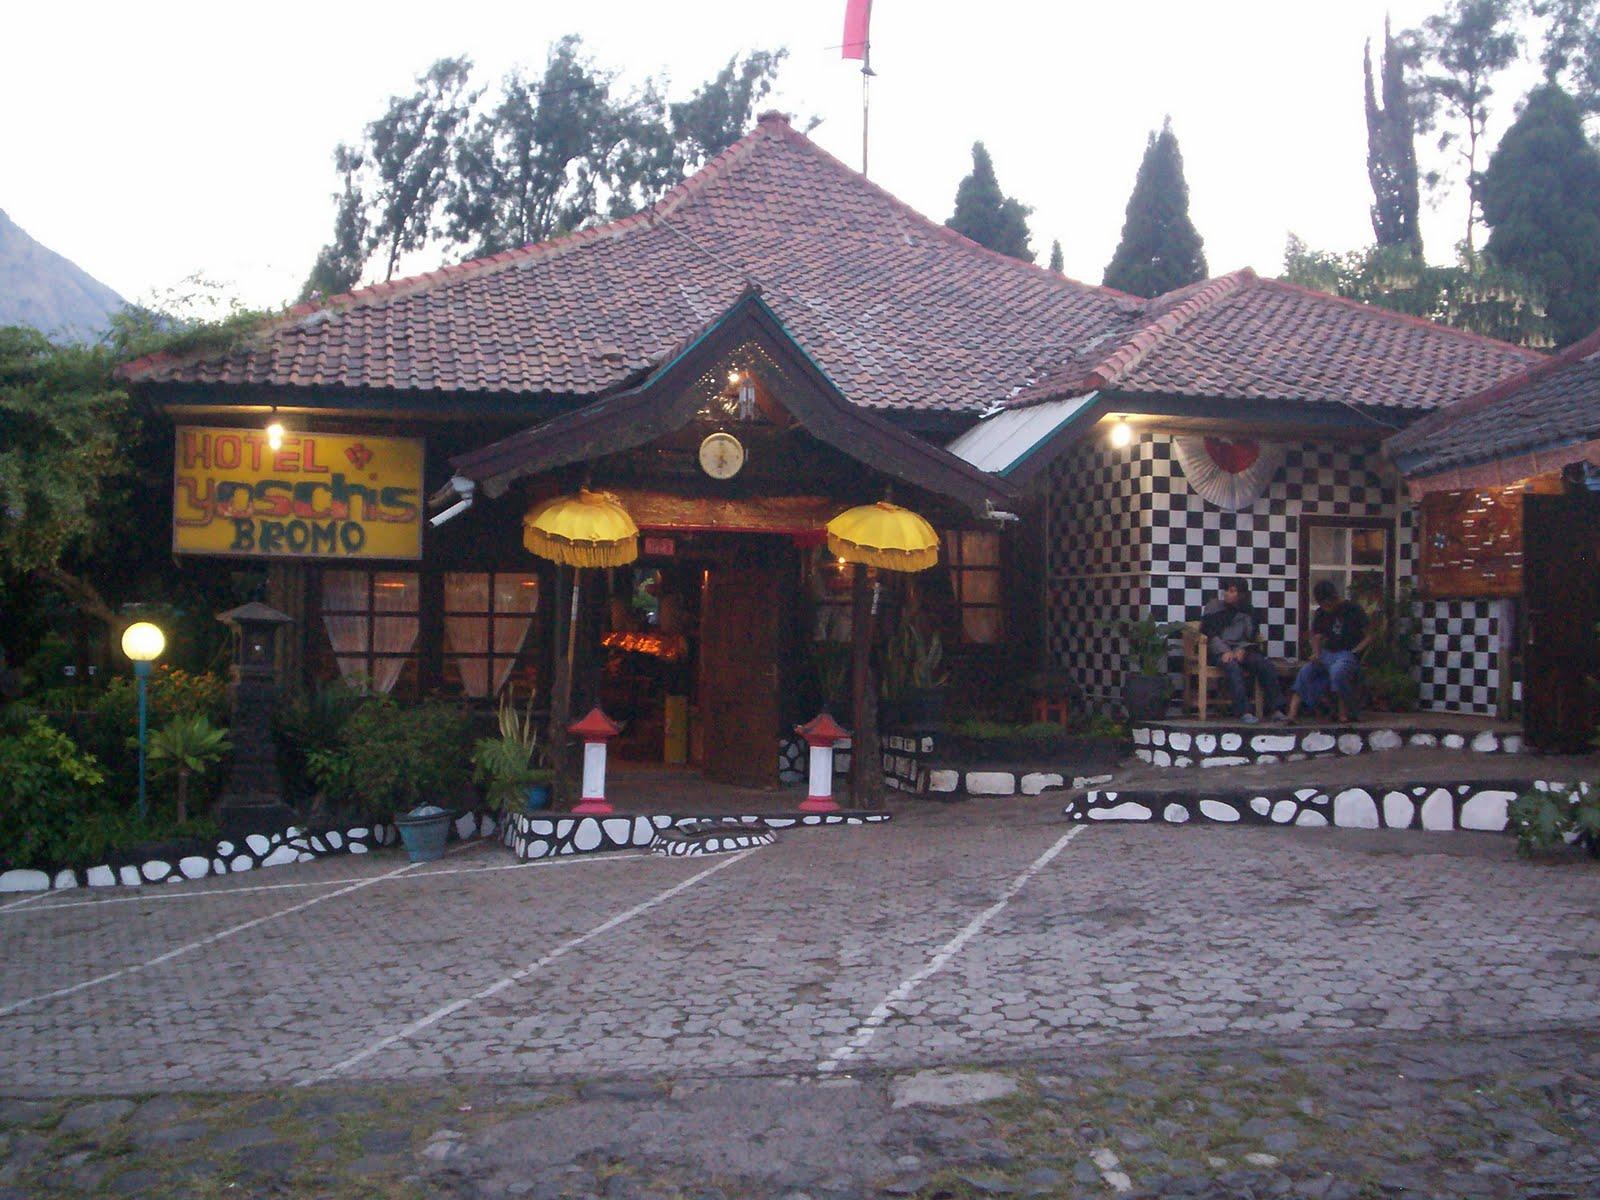 Penginapan Murah di Bromo, Yoschi's Hotel